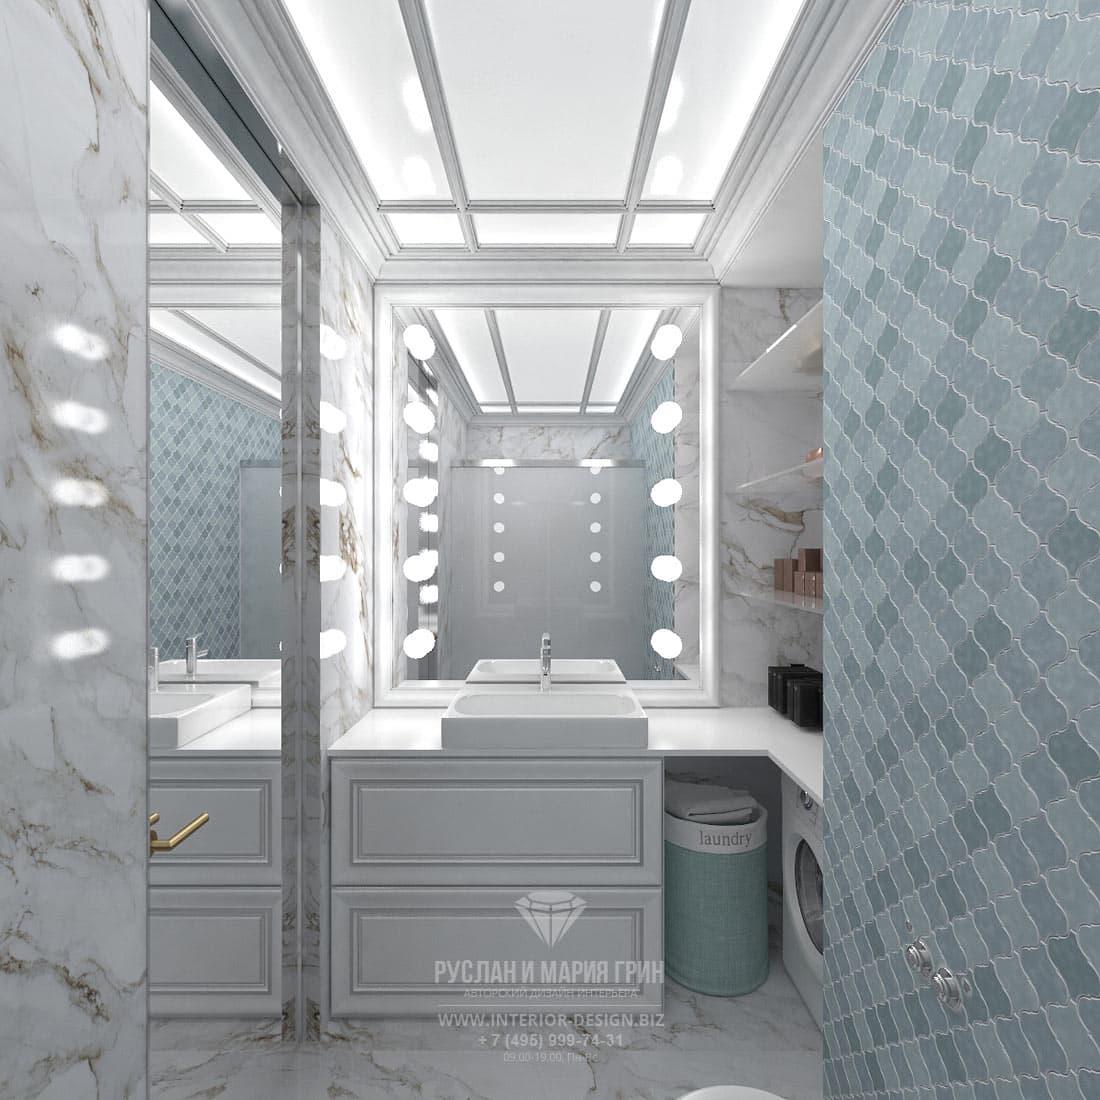 Дизайн интерьера санузла в небольшой квартире